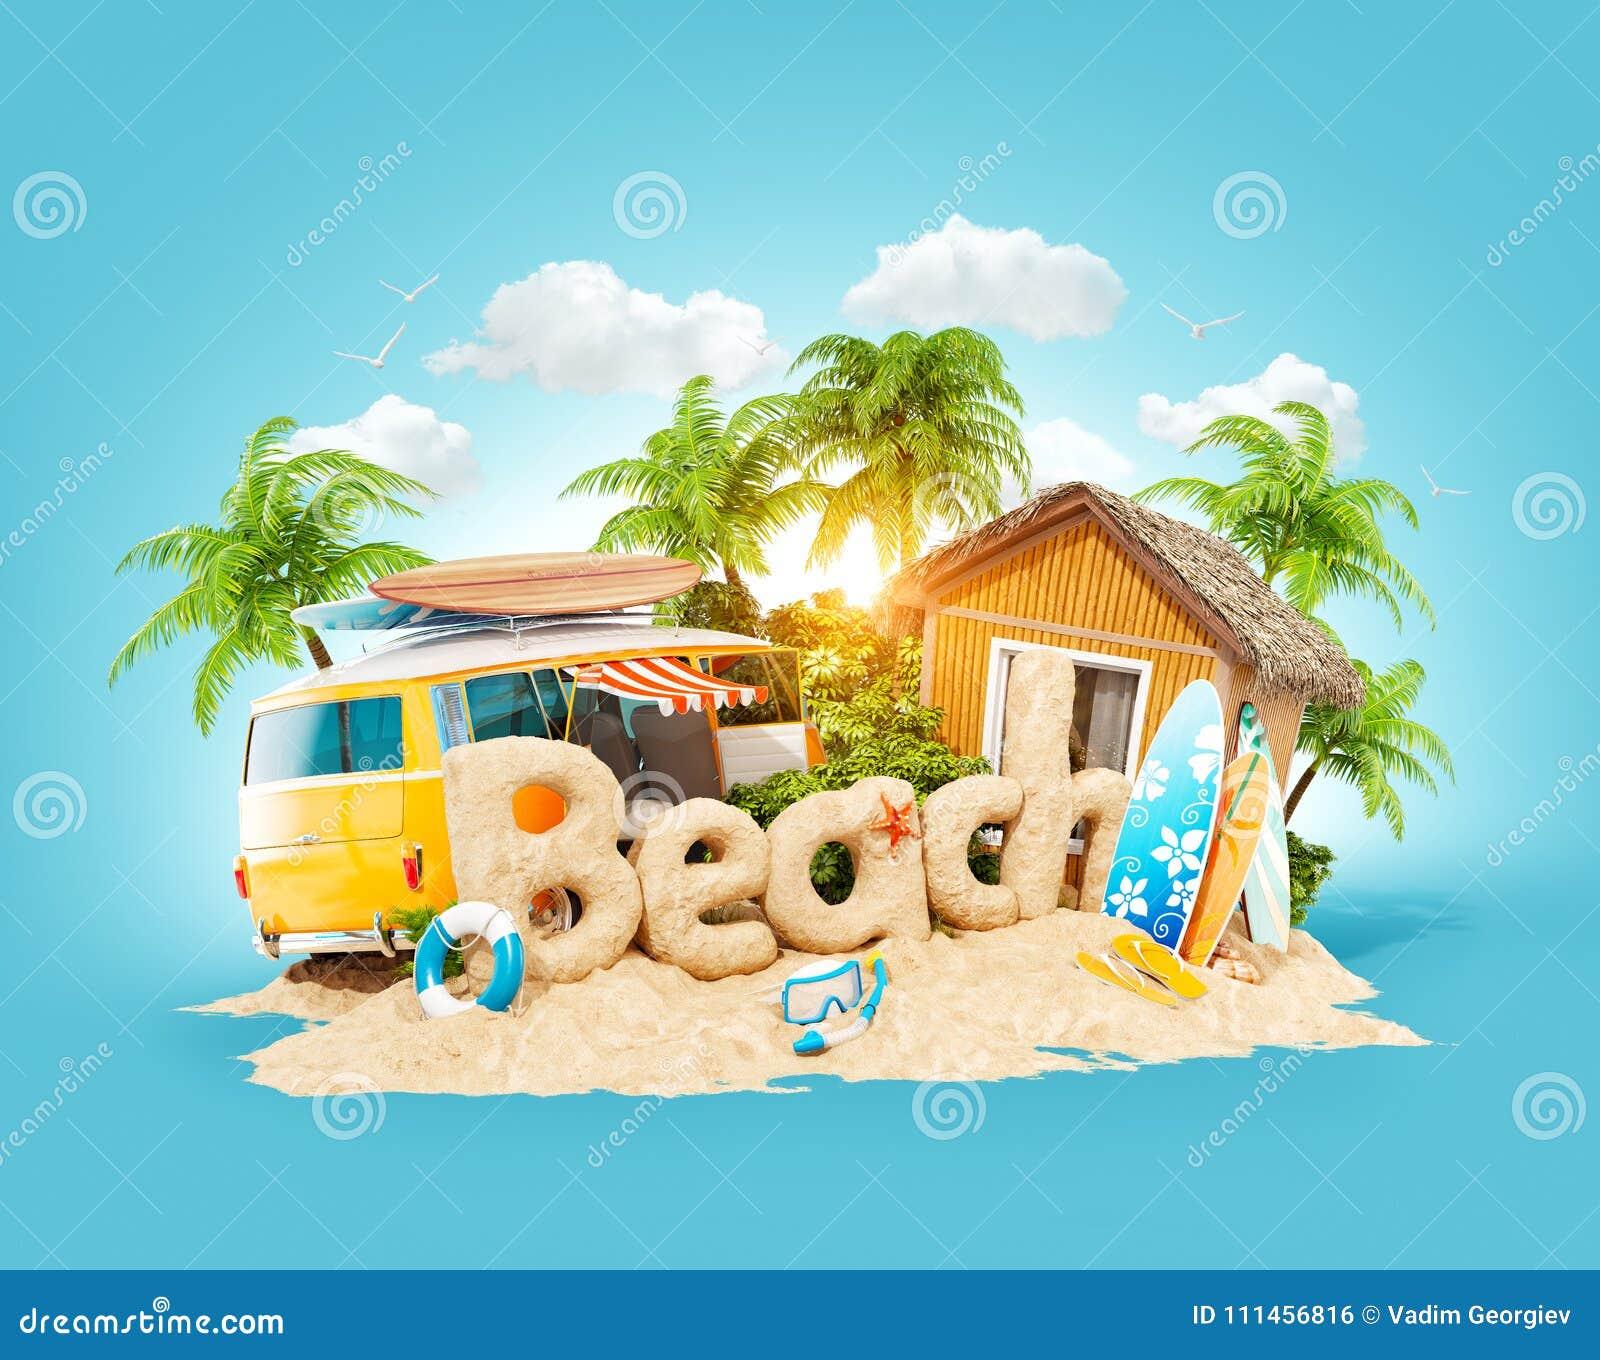 La spiaggia di parola fatta della sabbia sull isola tropicale Illustrazione insolita 3d delle vacanze estive Concetto di vacanza